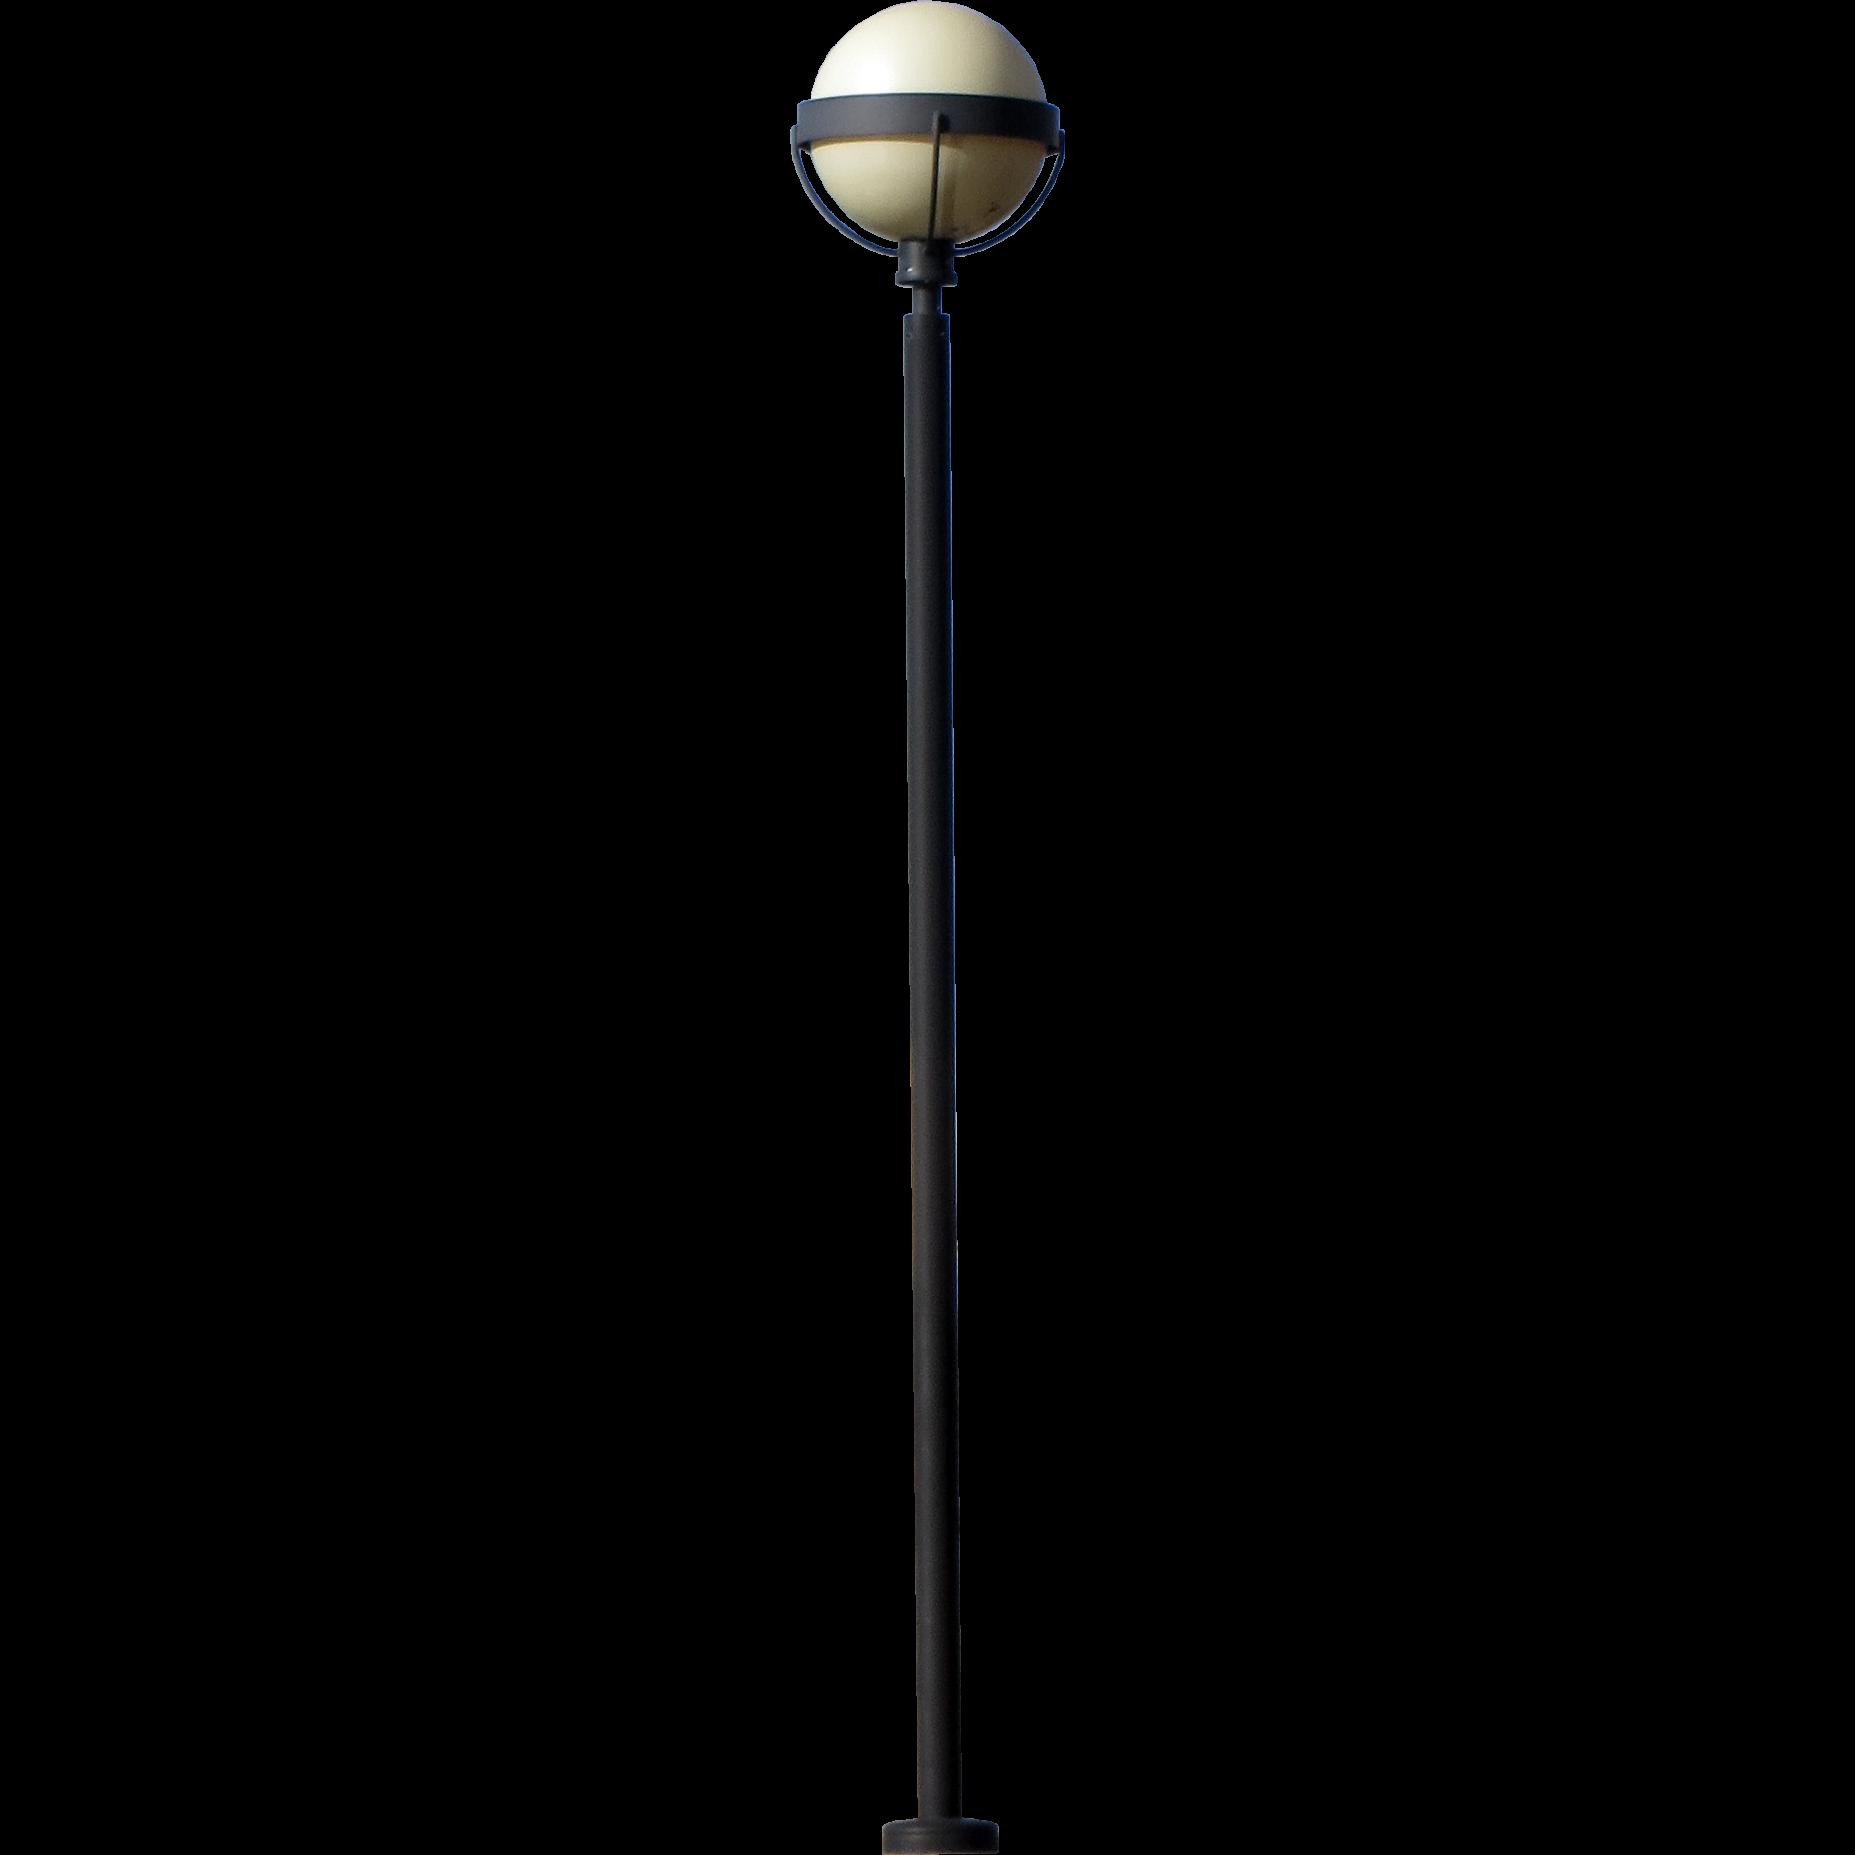 Lamp clipart park light. Http micogen com uploads